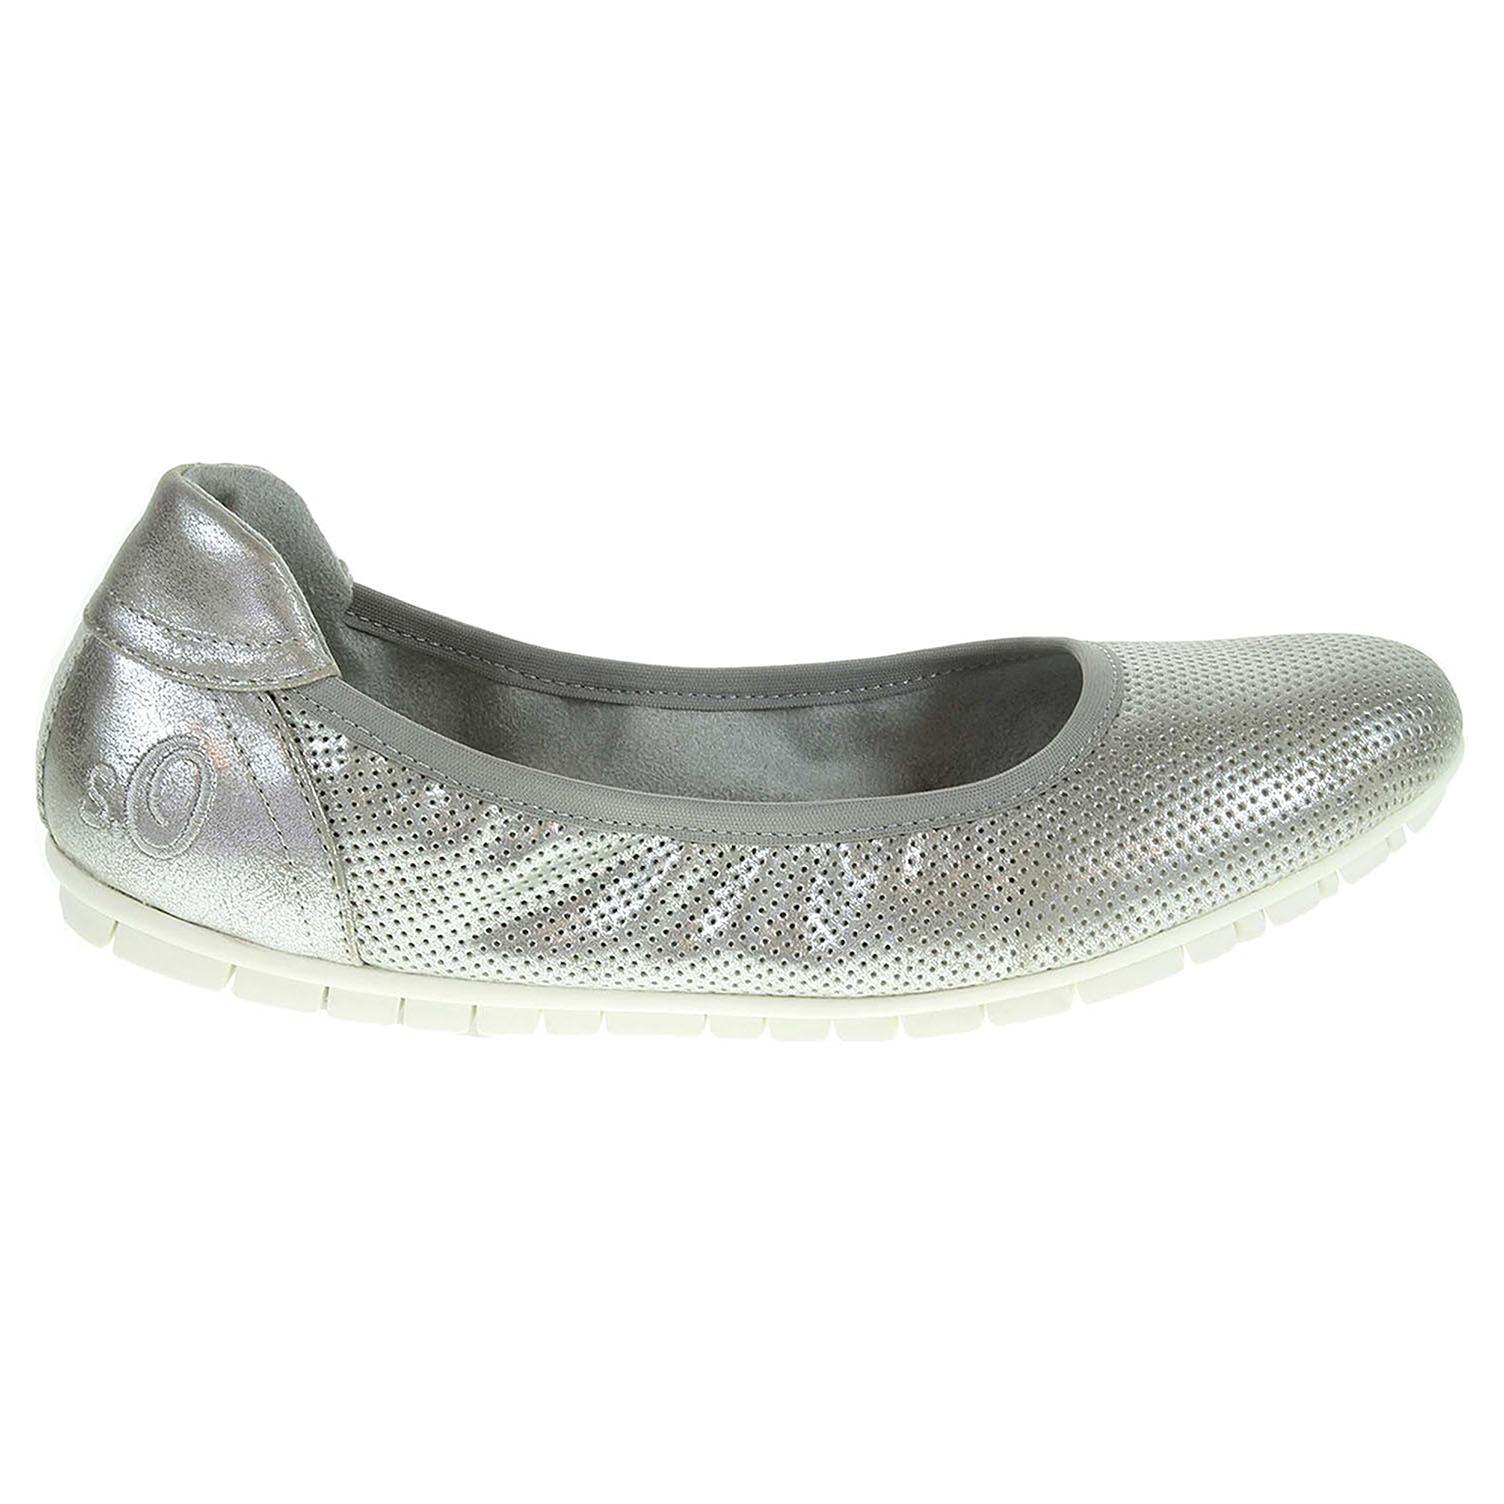 Ecco s.Oliver dámské baleriny 5-22119-28 stříbrné 23300864